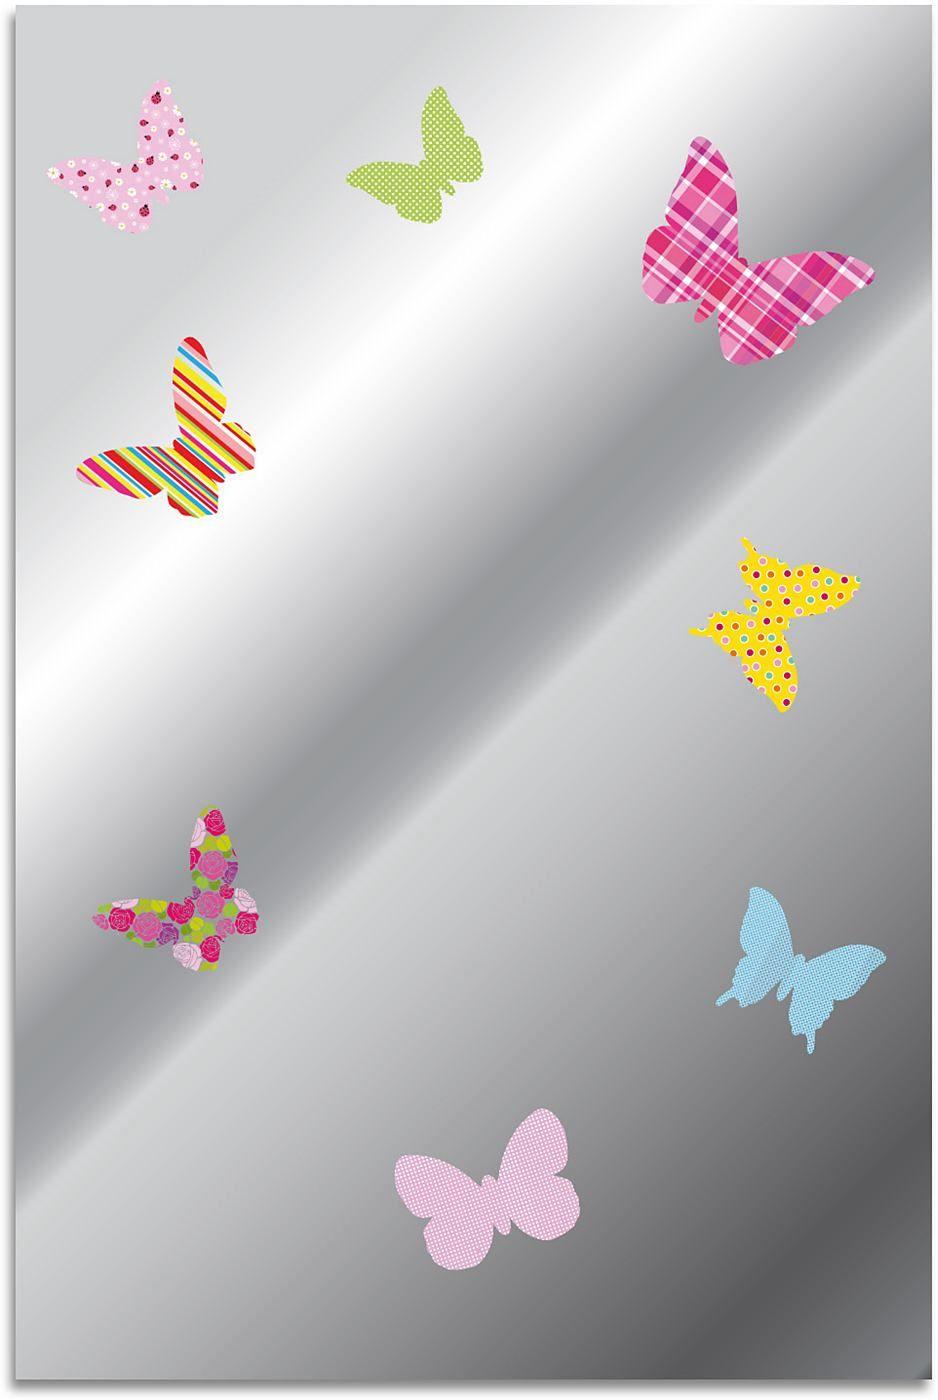 Artikeldetails:  Spiegel, Inklusive rückseitiger Aufhängung, Maße (B/H/T): 40/60/0,5 cm,  Material/Qualität:  Glas,  ...